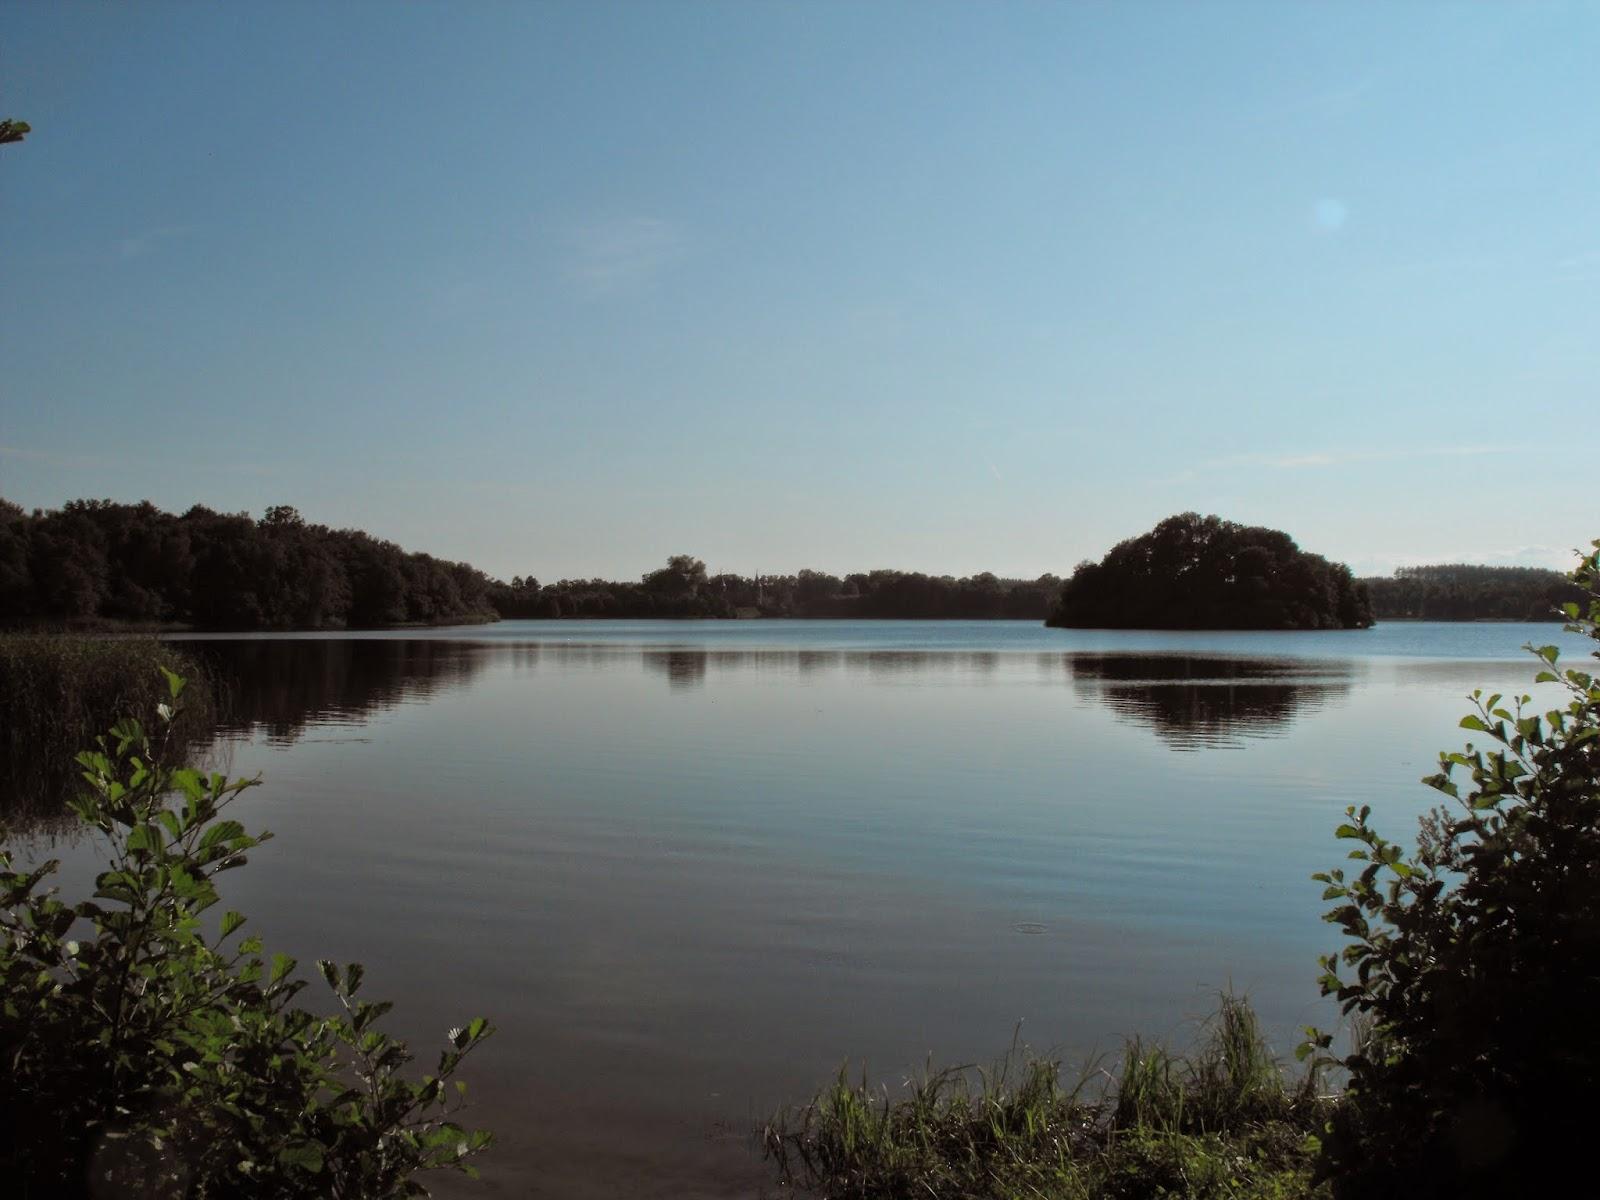 Bada, Sommar, Badsjö, insjö, vacker natur, Sösdala, Hörby, Kvesarumssjön, Kvesarums slott